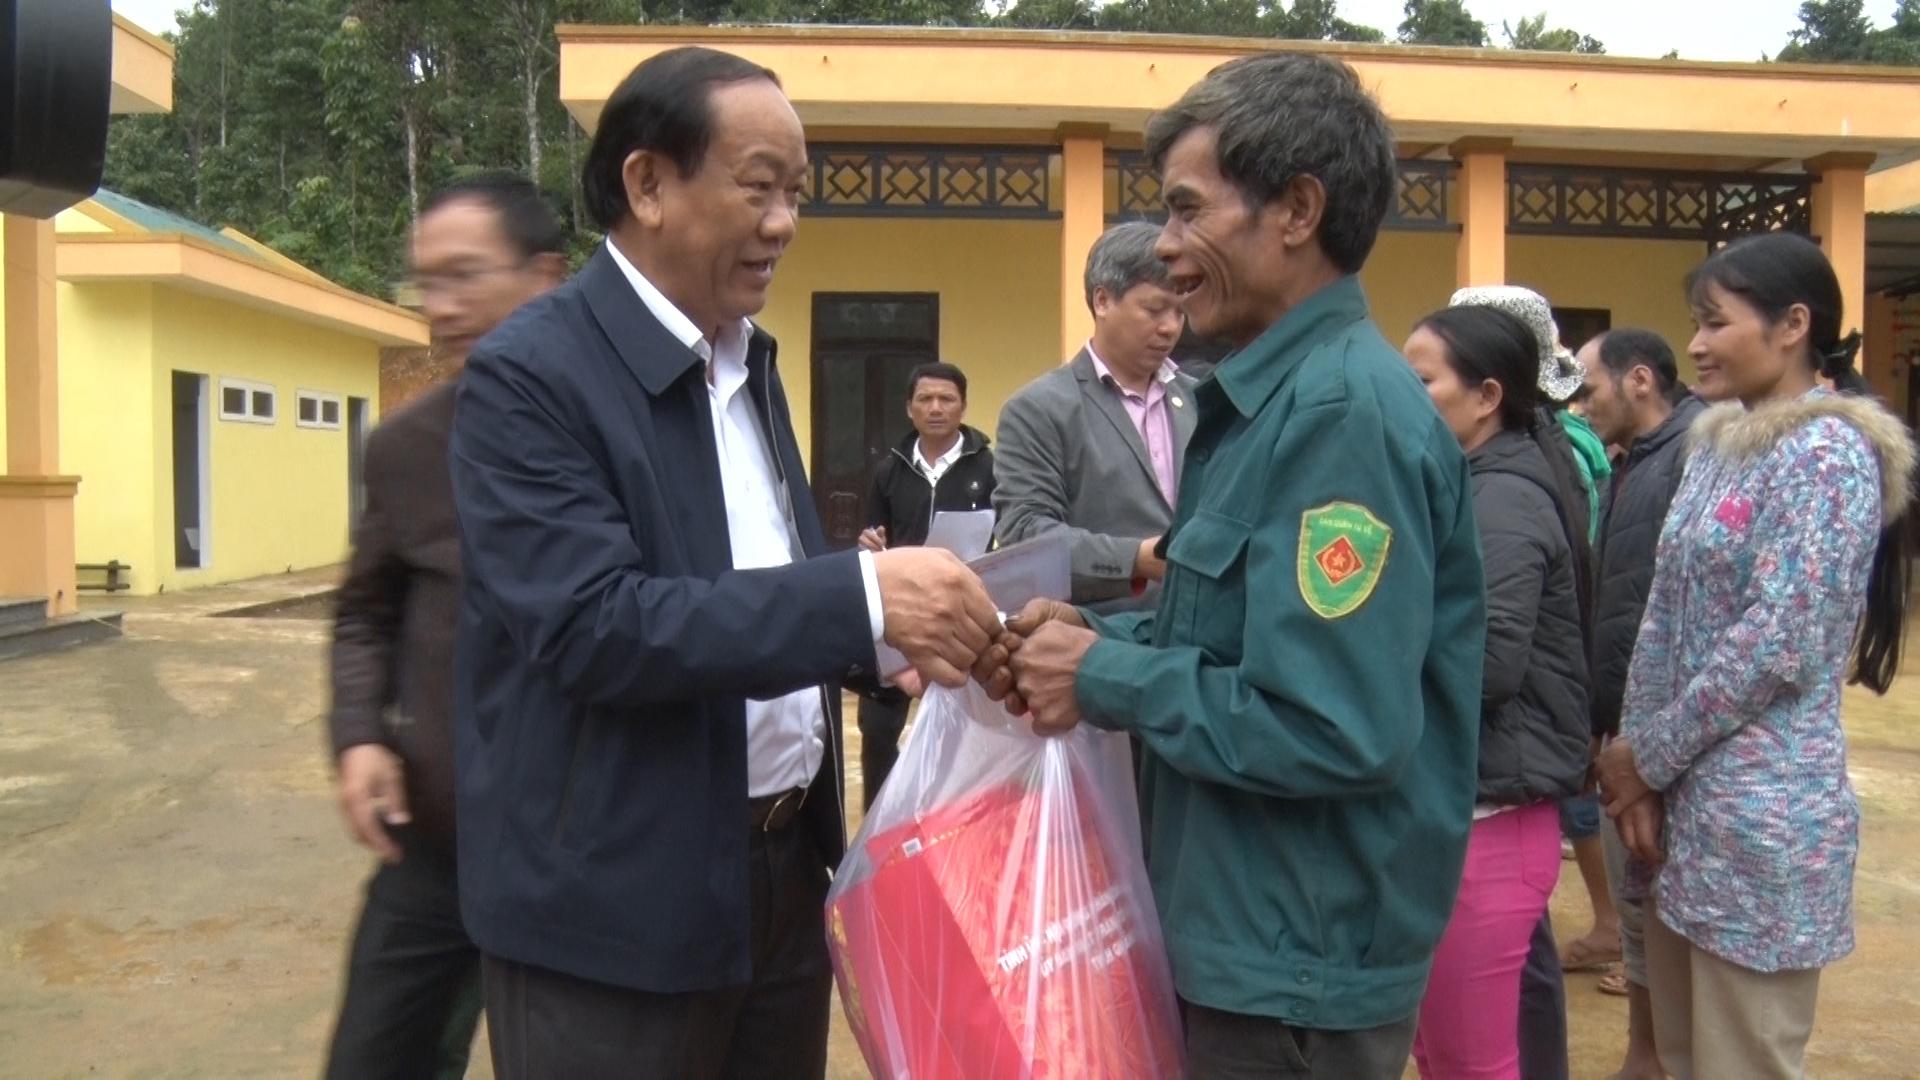 Đồng chí Đinh Văn Thu tặng 150 suất quà Tết cho bà con Khe Chữ. Ảnh: ĐẠO NGƯỚC